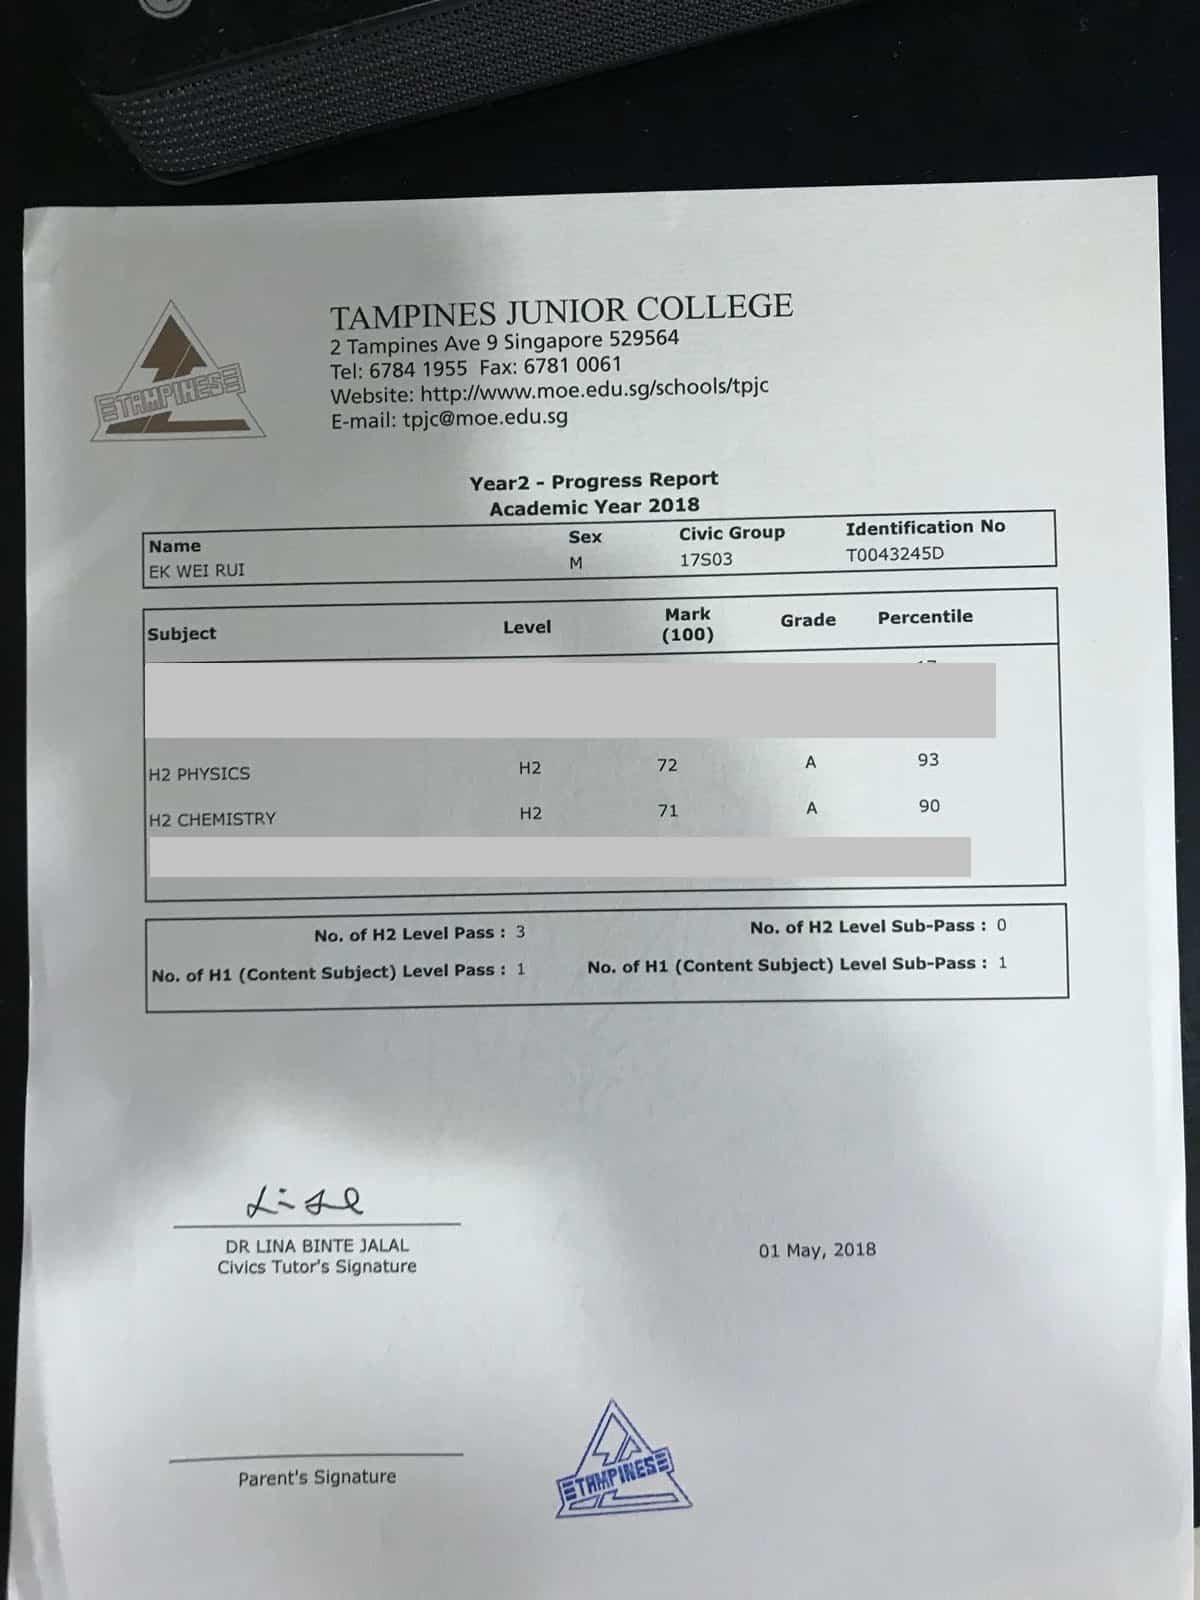 Exam Percentile